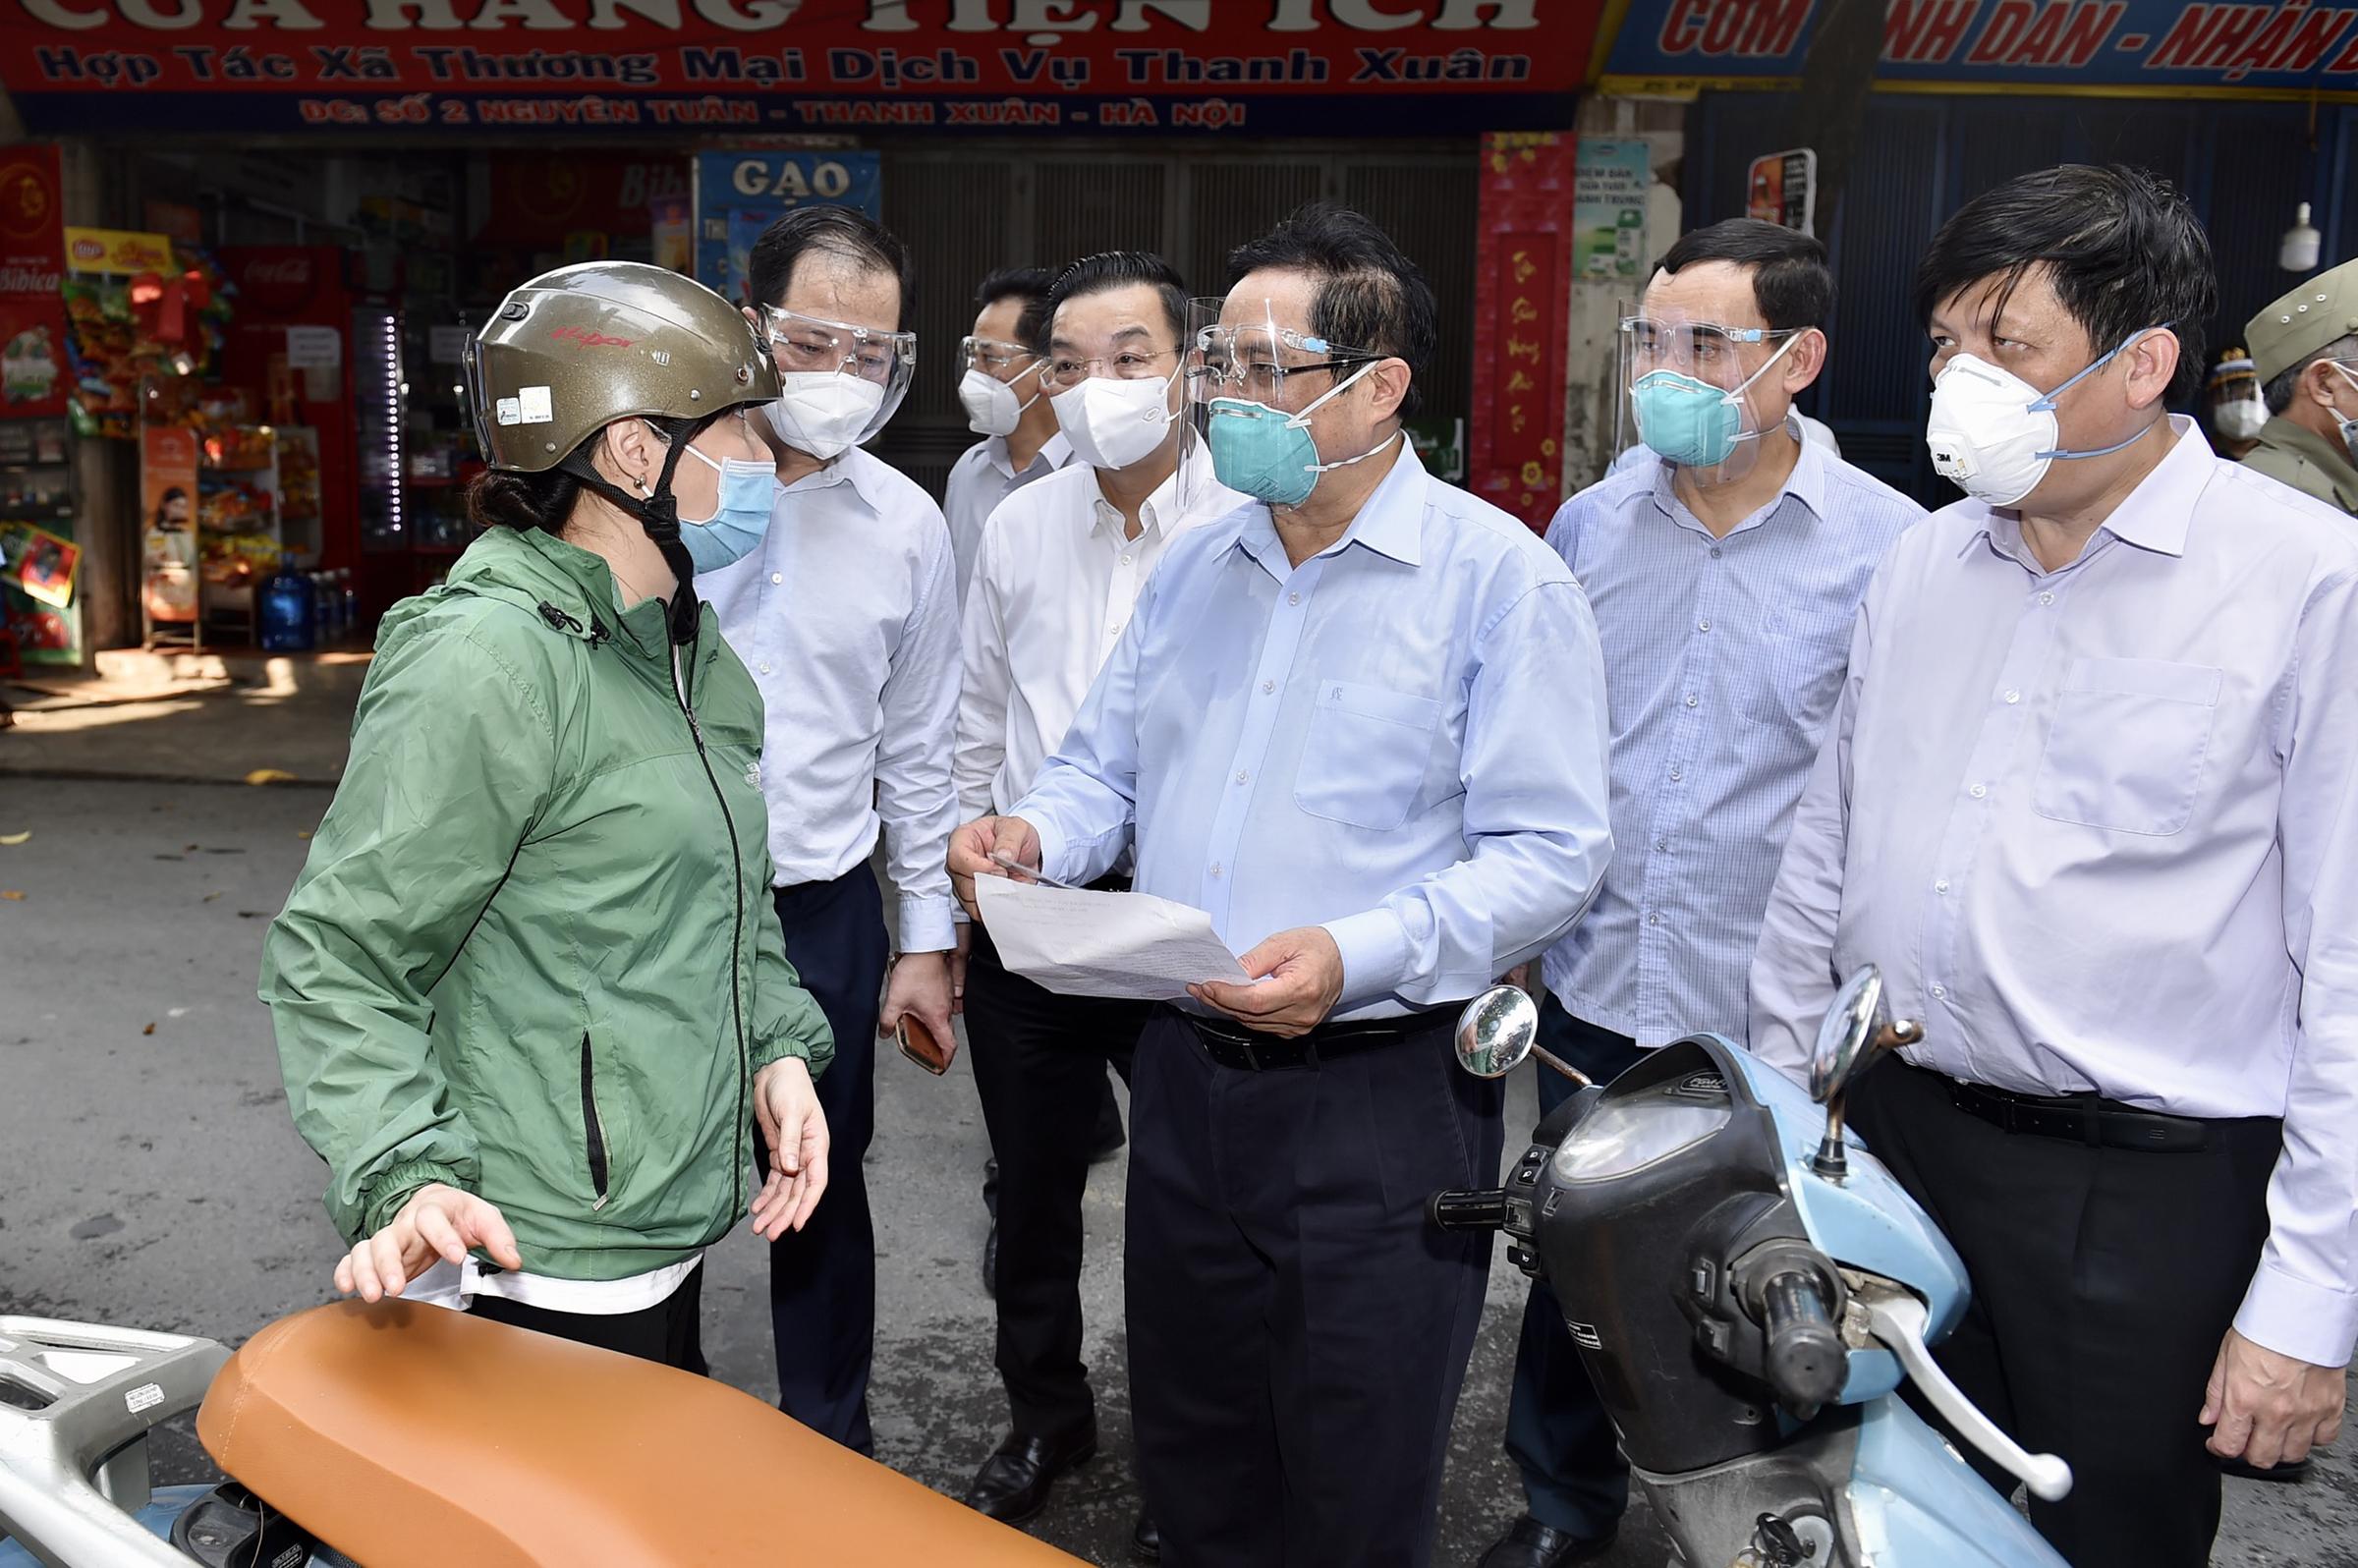 Thủ tướng Phạm Minh Chính kiểm tra giấy phép đi đường và khai báo y tế của người dân tại điểm chốt của công an phường Thanh Xuân Trung, Hà Nội, chiều 31/8. Ảnh: Nhật Bắc